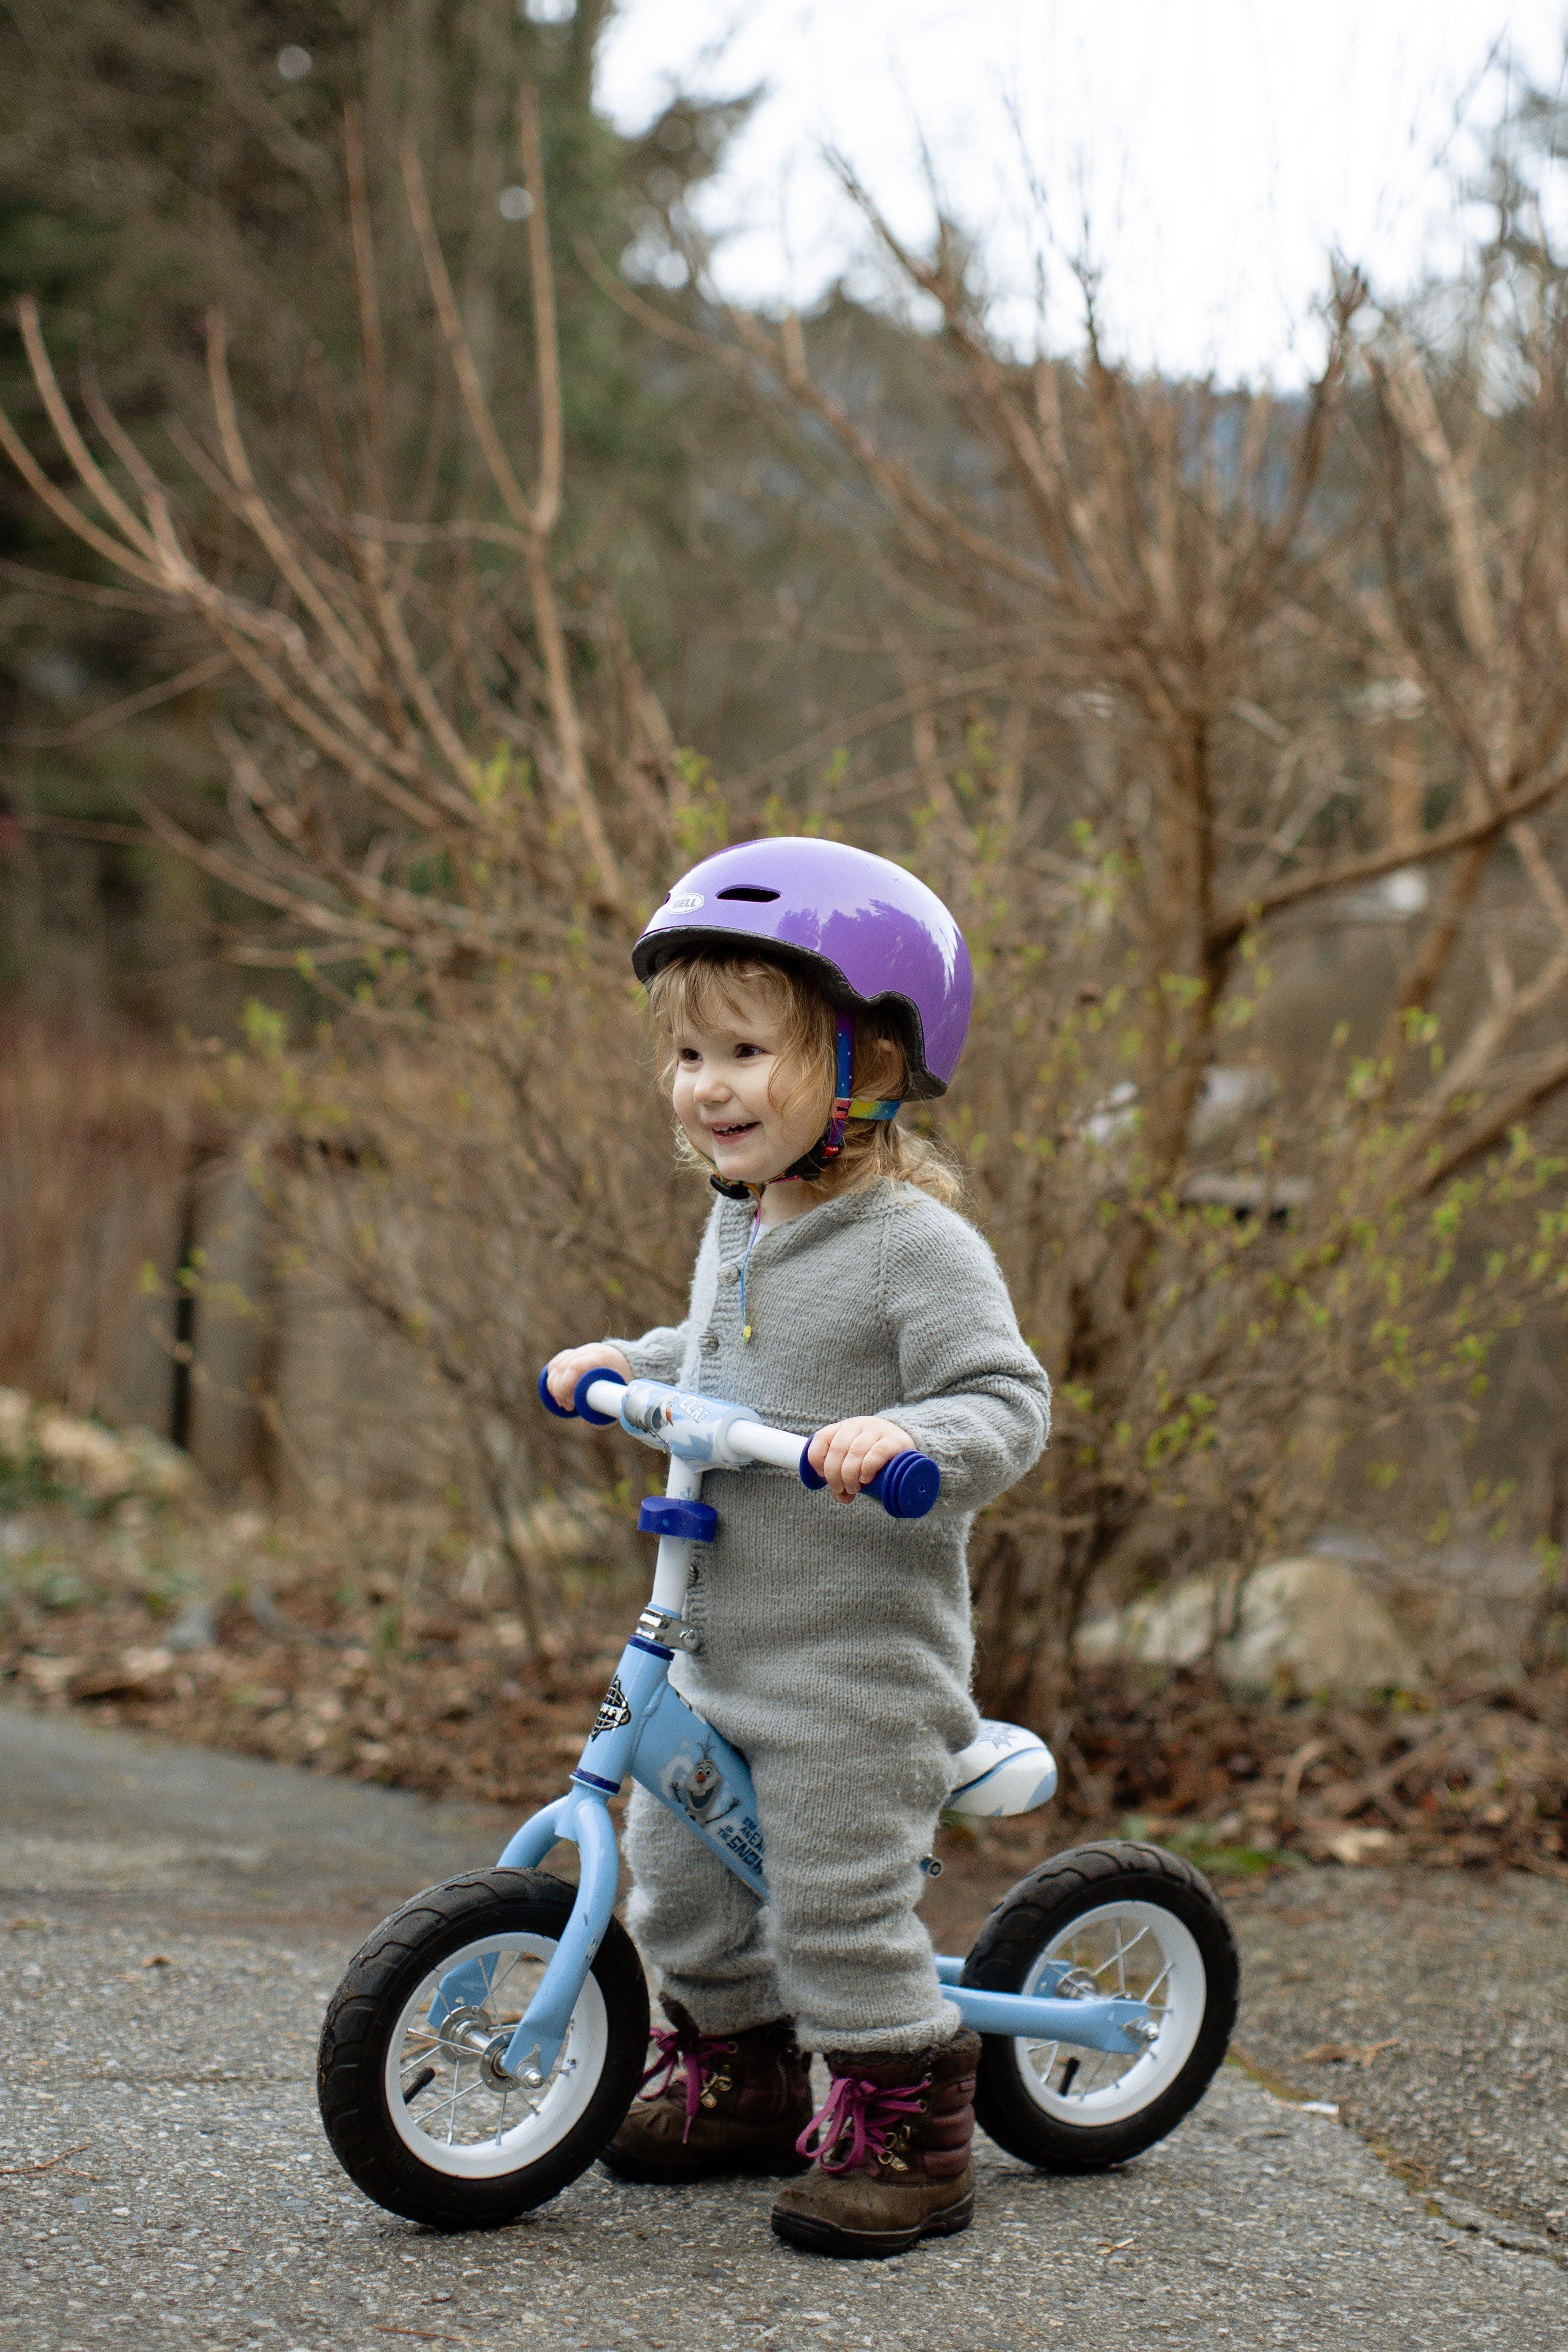 pexels tatiana syrikova 3932845 - Bisiklete Binmek Daha Etkili Nasıl Öğretilir ?